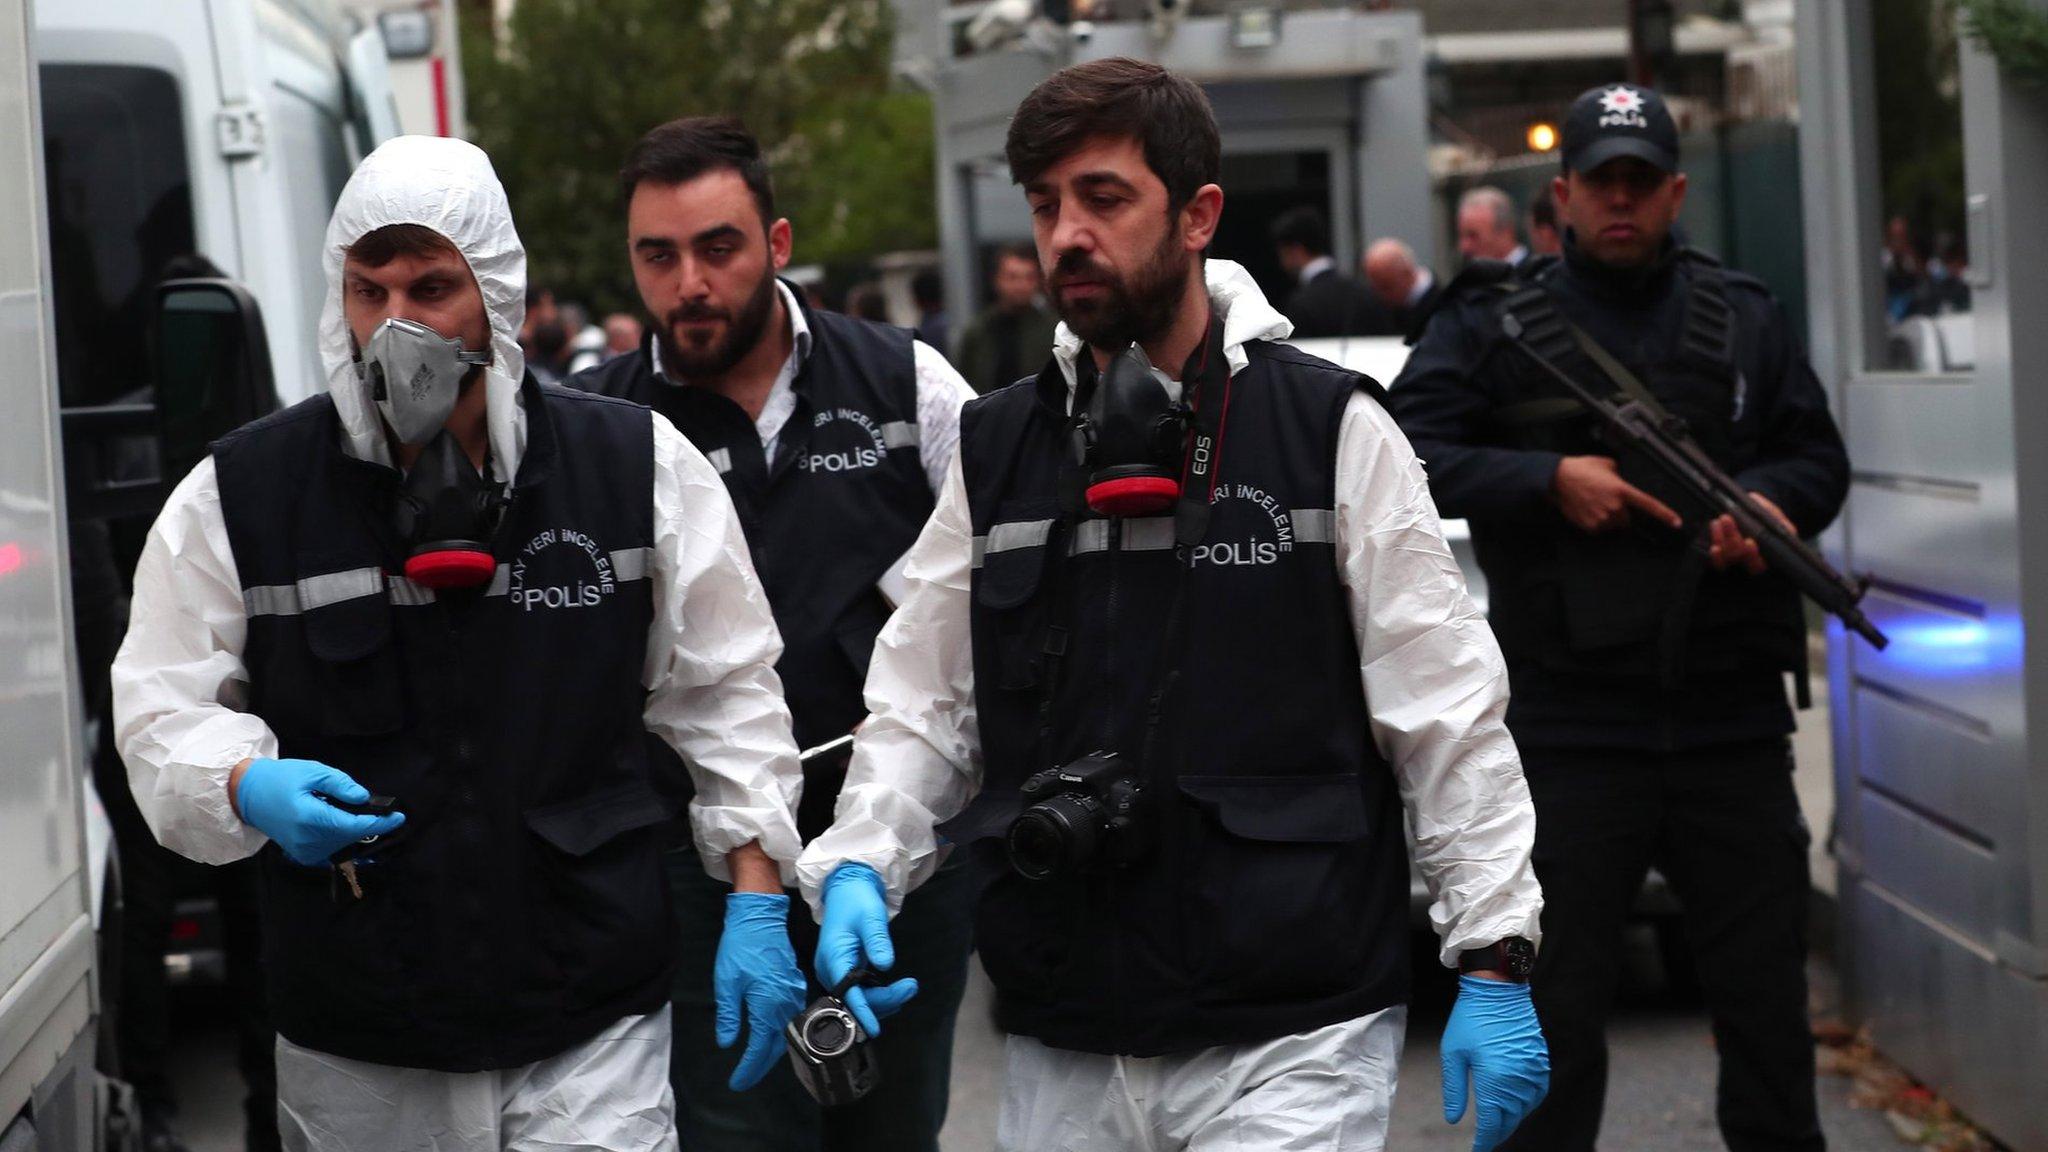 Jamal Khashoggi disappearance: US asks Turkey for recording evidence